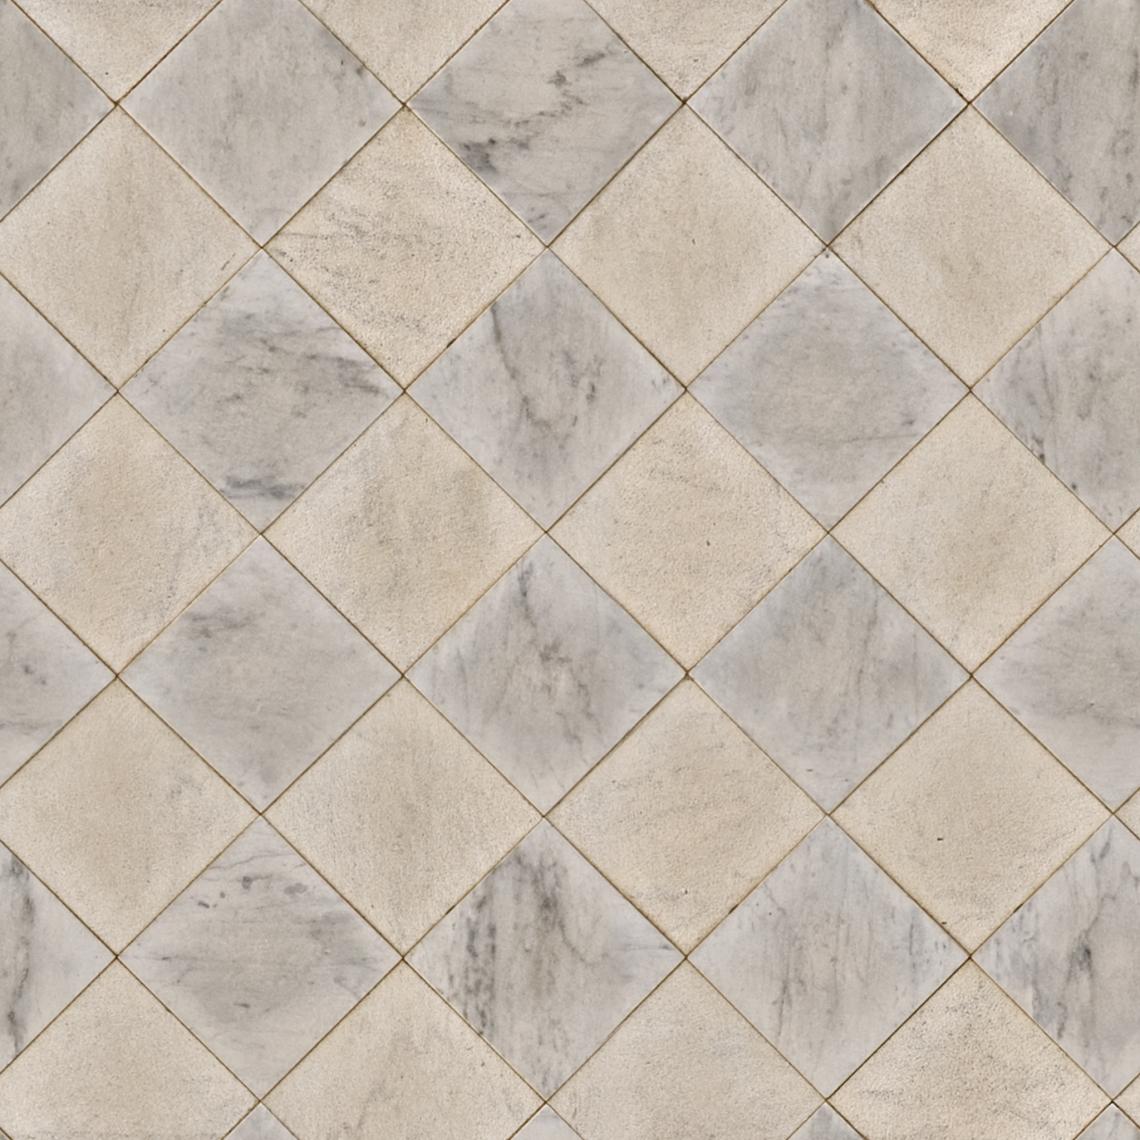 Seamless Ceramic Tiles Good Textures